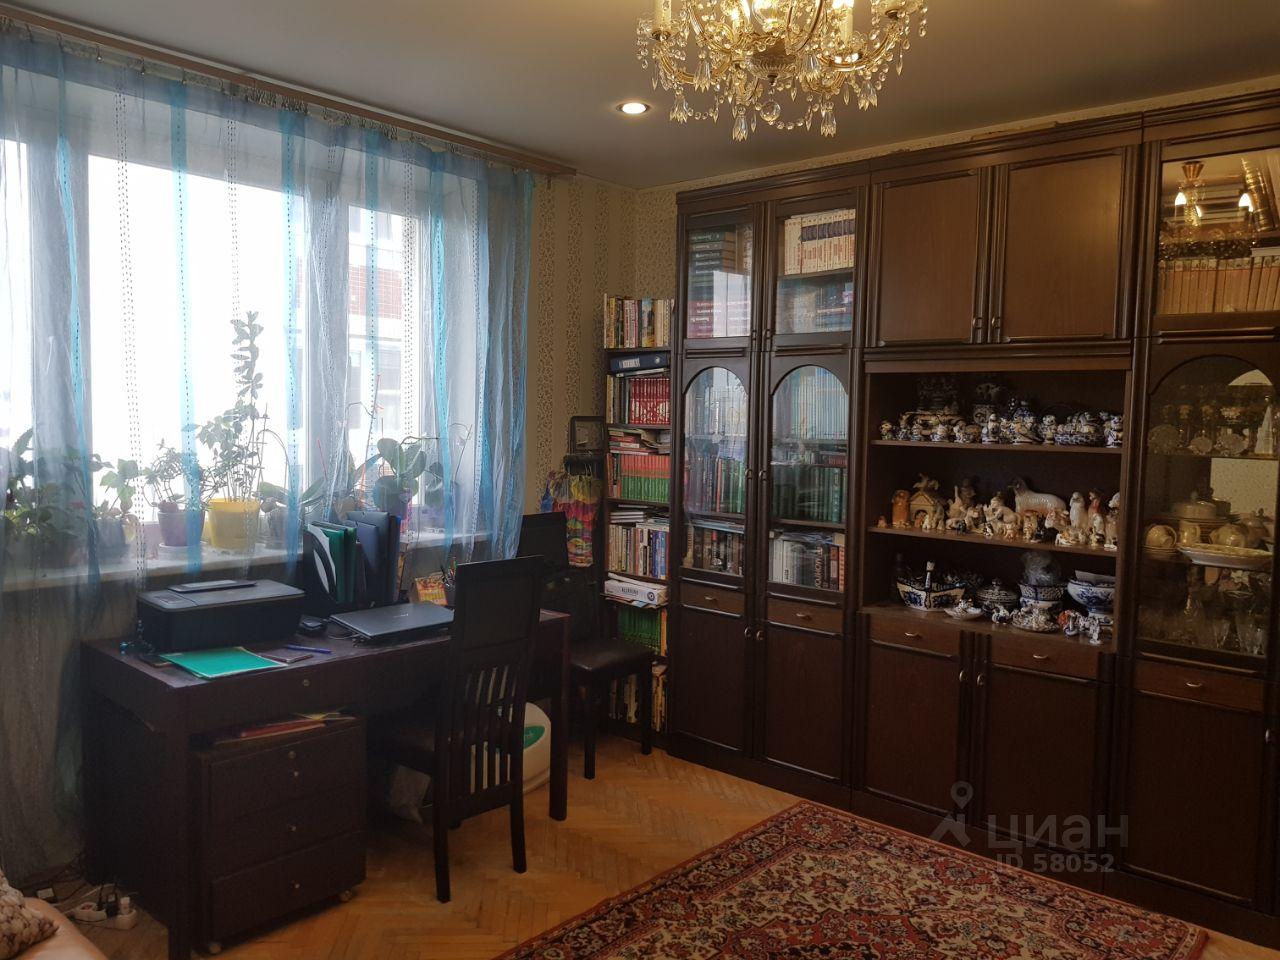 Купить двухкомнатную квартиру 50м² Зеленый просп., 4К2, Москва, ВАО, р-н Перово м. Перово - база ЦИАН, объявление 194638551